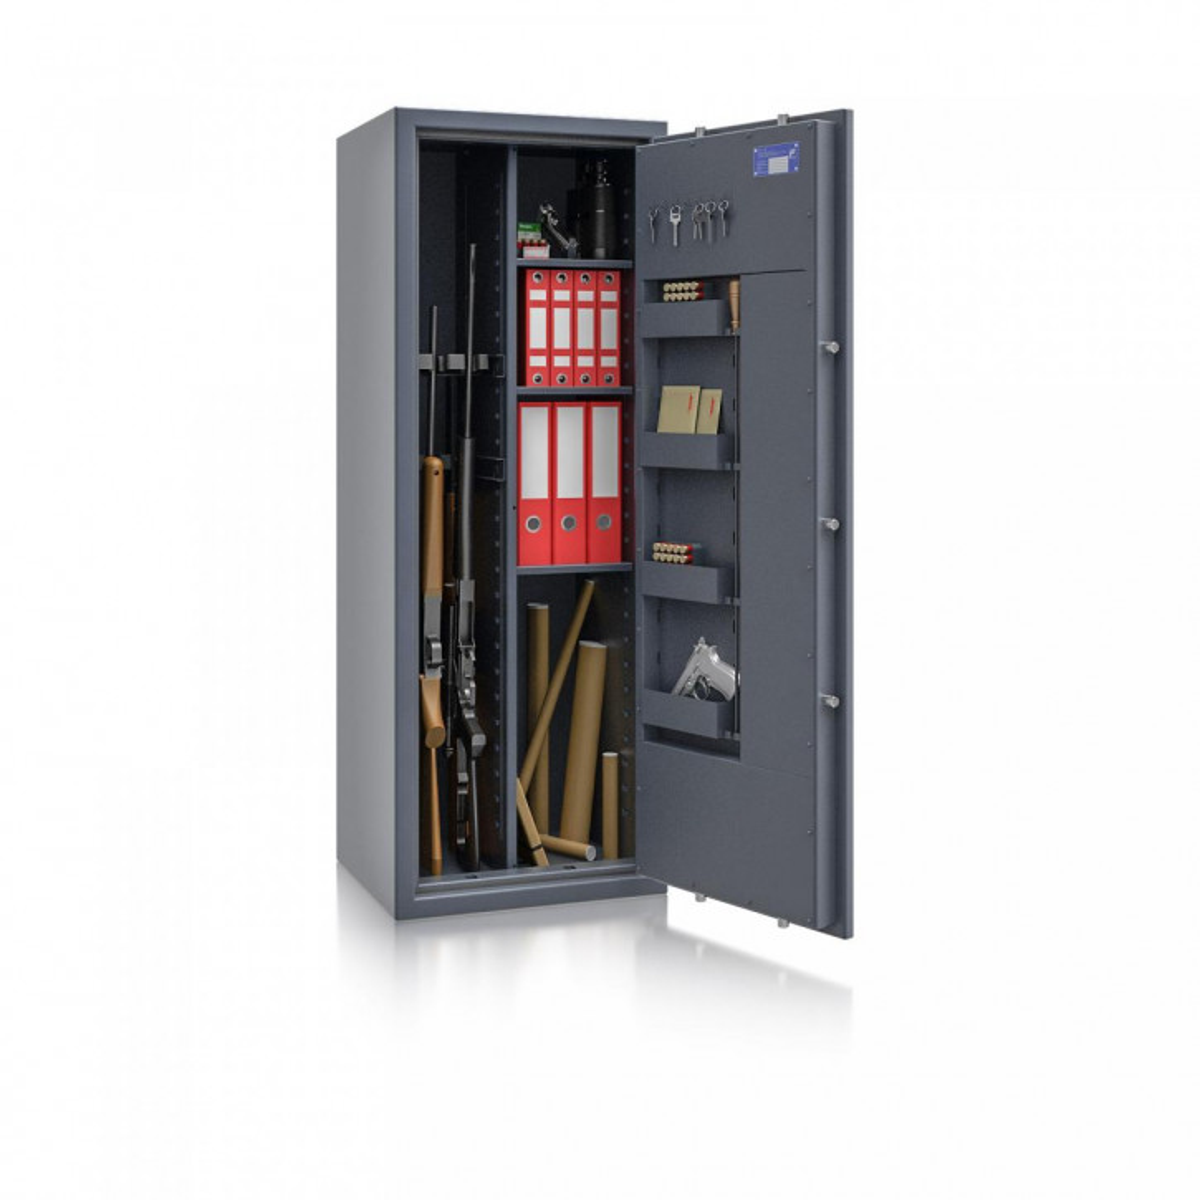 Waffenschrank St. Gallen WF MAX Kombi 2 - 1500x550x450 / 199kg 56466 / Klasse I / RAL7024 / Schlüssel / DIN R / mit Trennw.